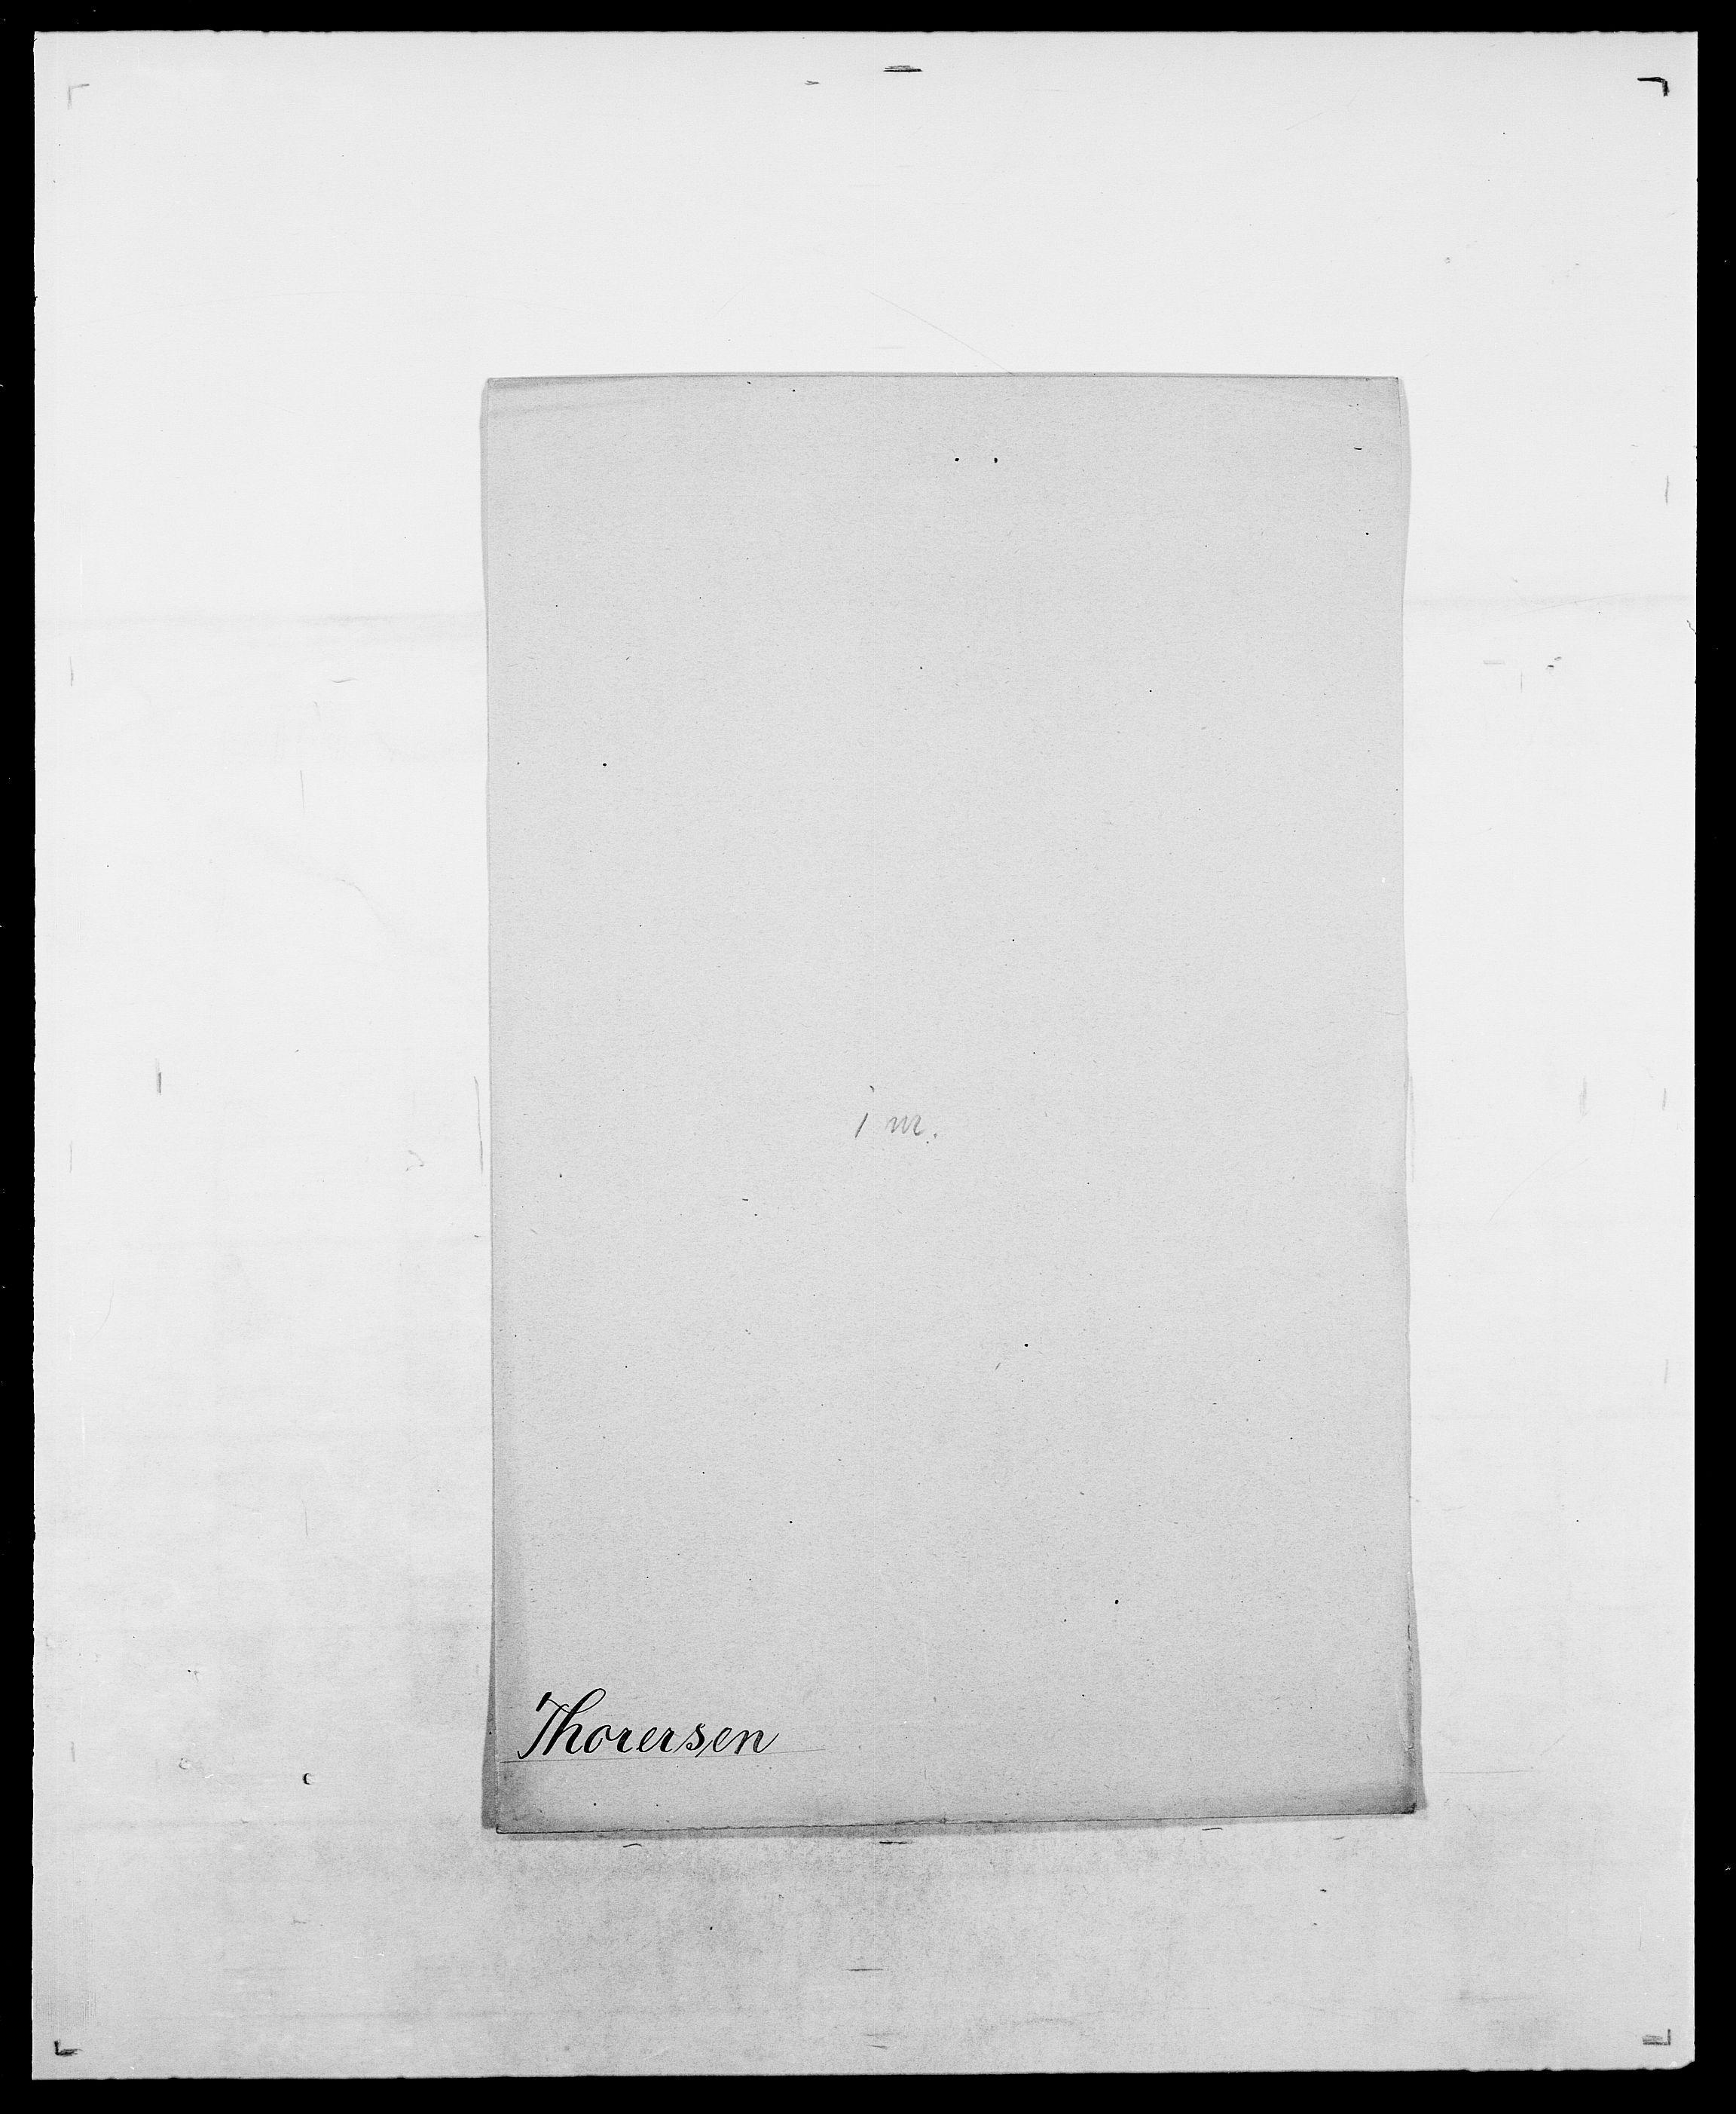 SAO, Delgobe, Charles Antoine - samling, D/Da/L0038: Svanenskjold - Thornsohn, s. 840